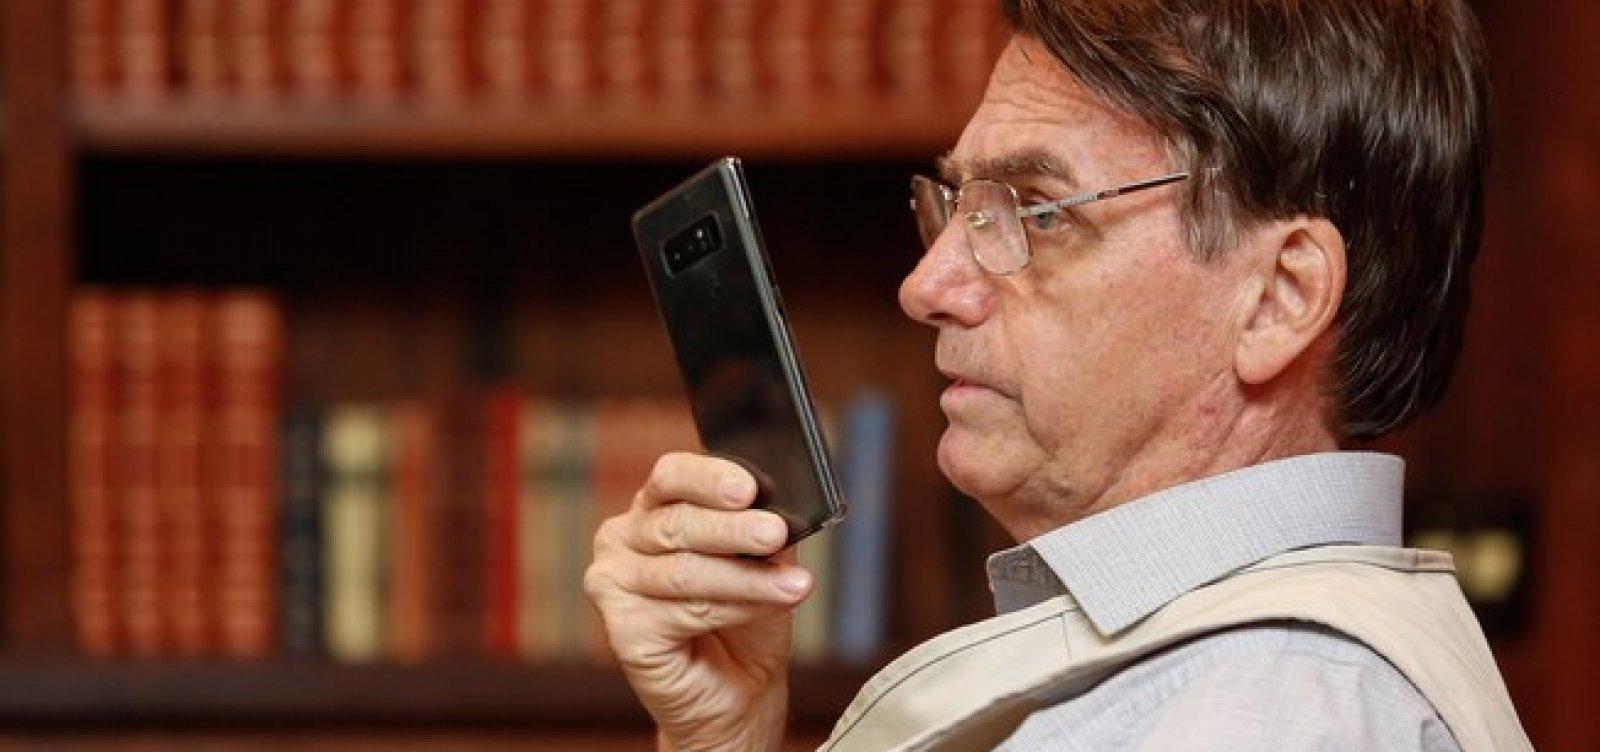 Aprovação a Bolsonaro chega a 62% entre seguidores de rede social